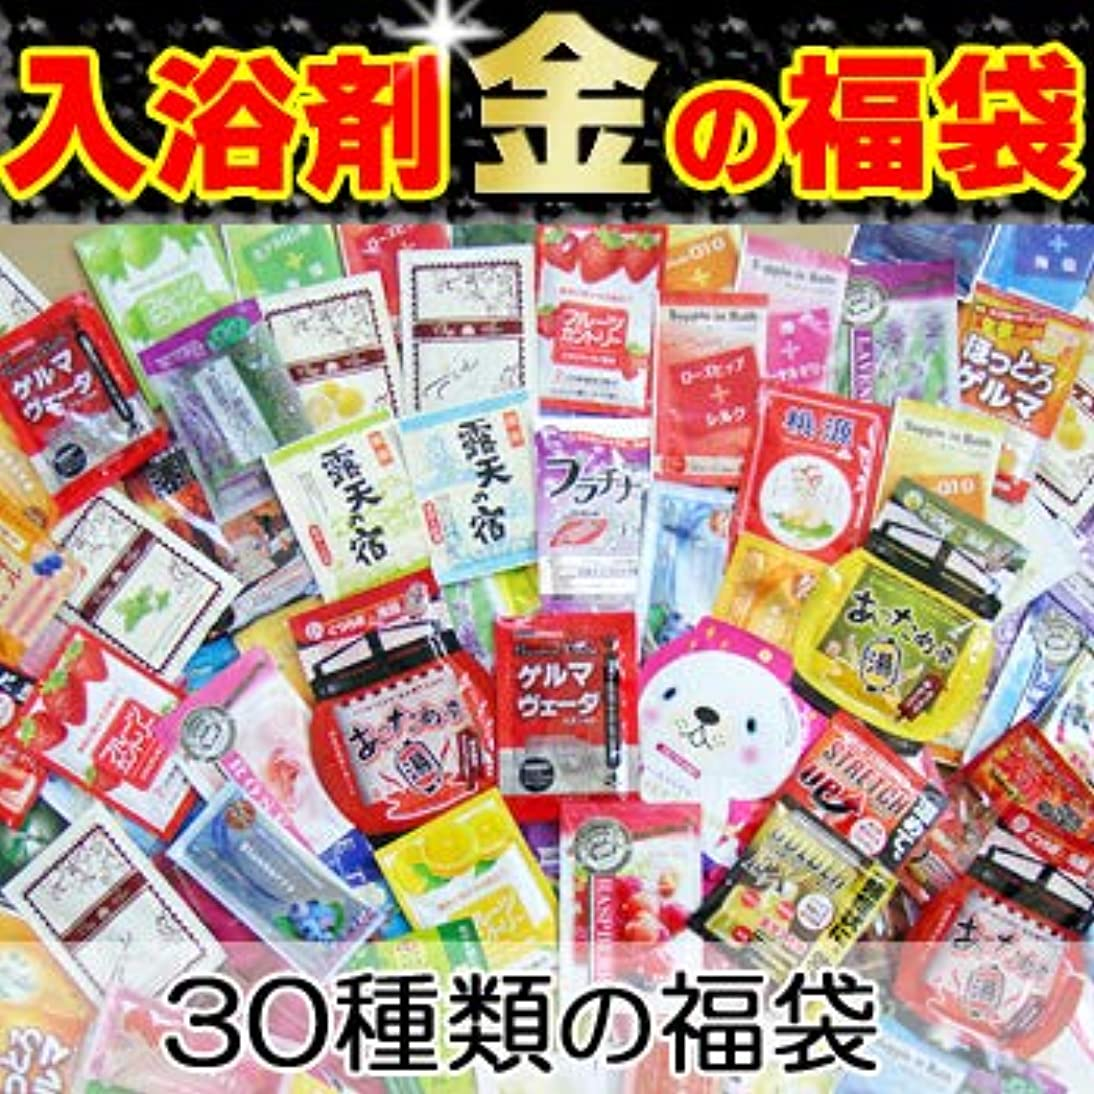 繁栄面積ワードローブお試し入浴剤 金の福袋30種類!30日分 入浴剤福袋 安心の日本製!